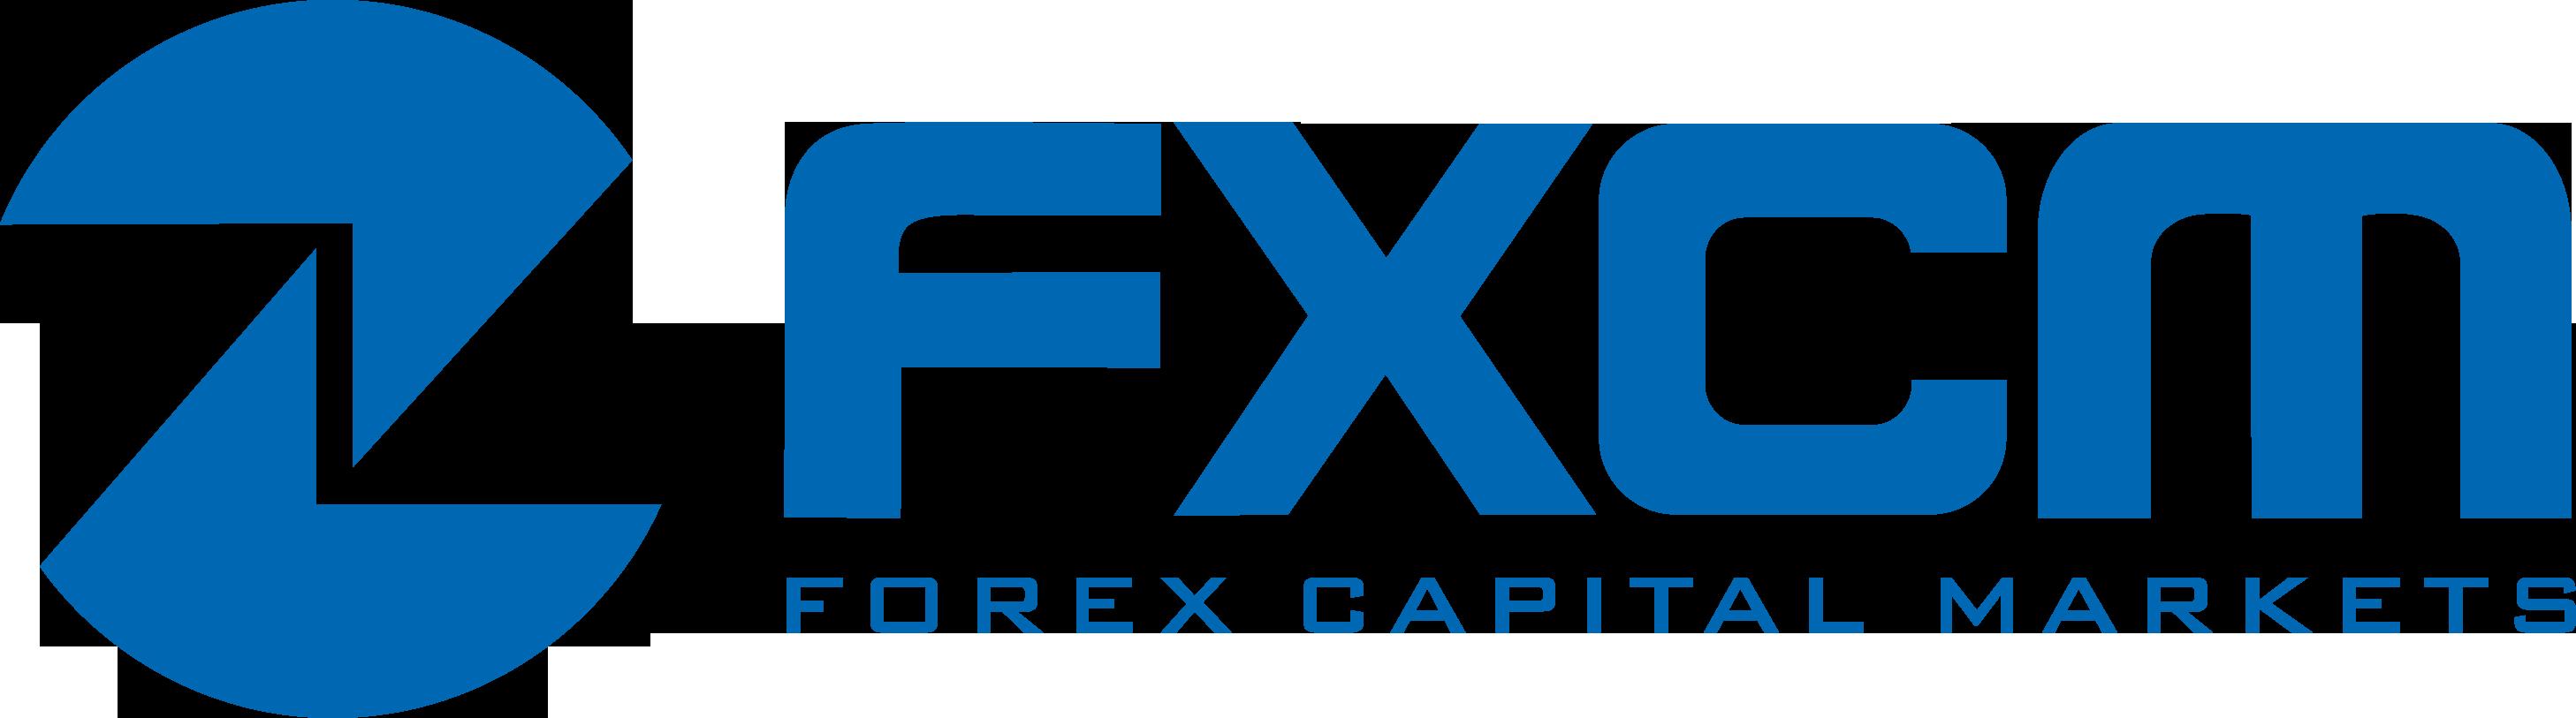 Listado de principales brokers regulados por la fca: fxcm